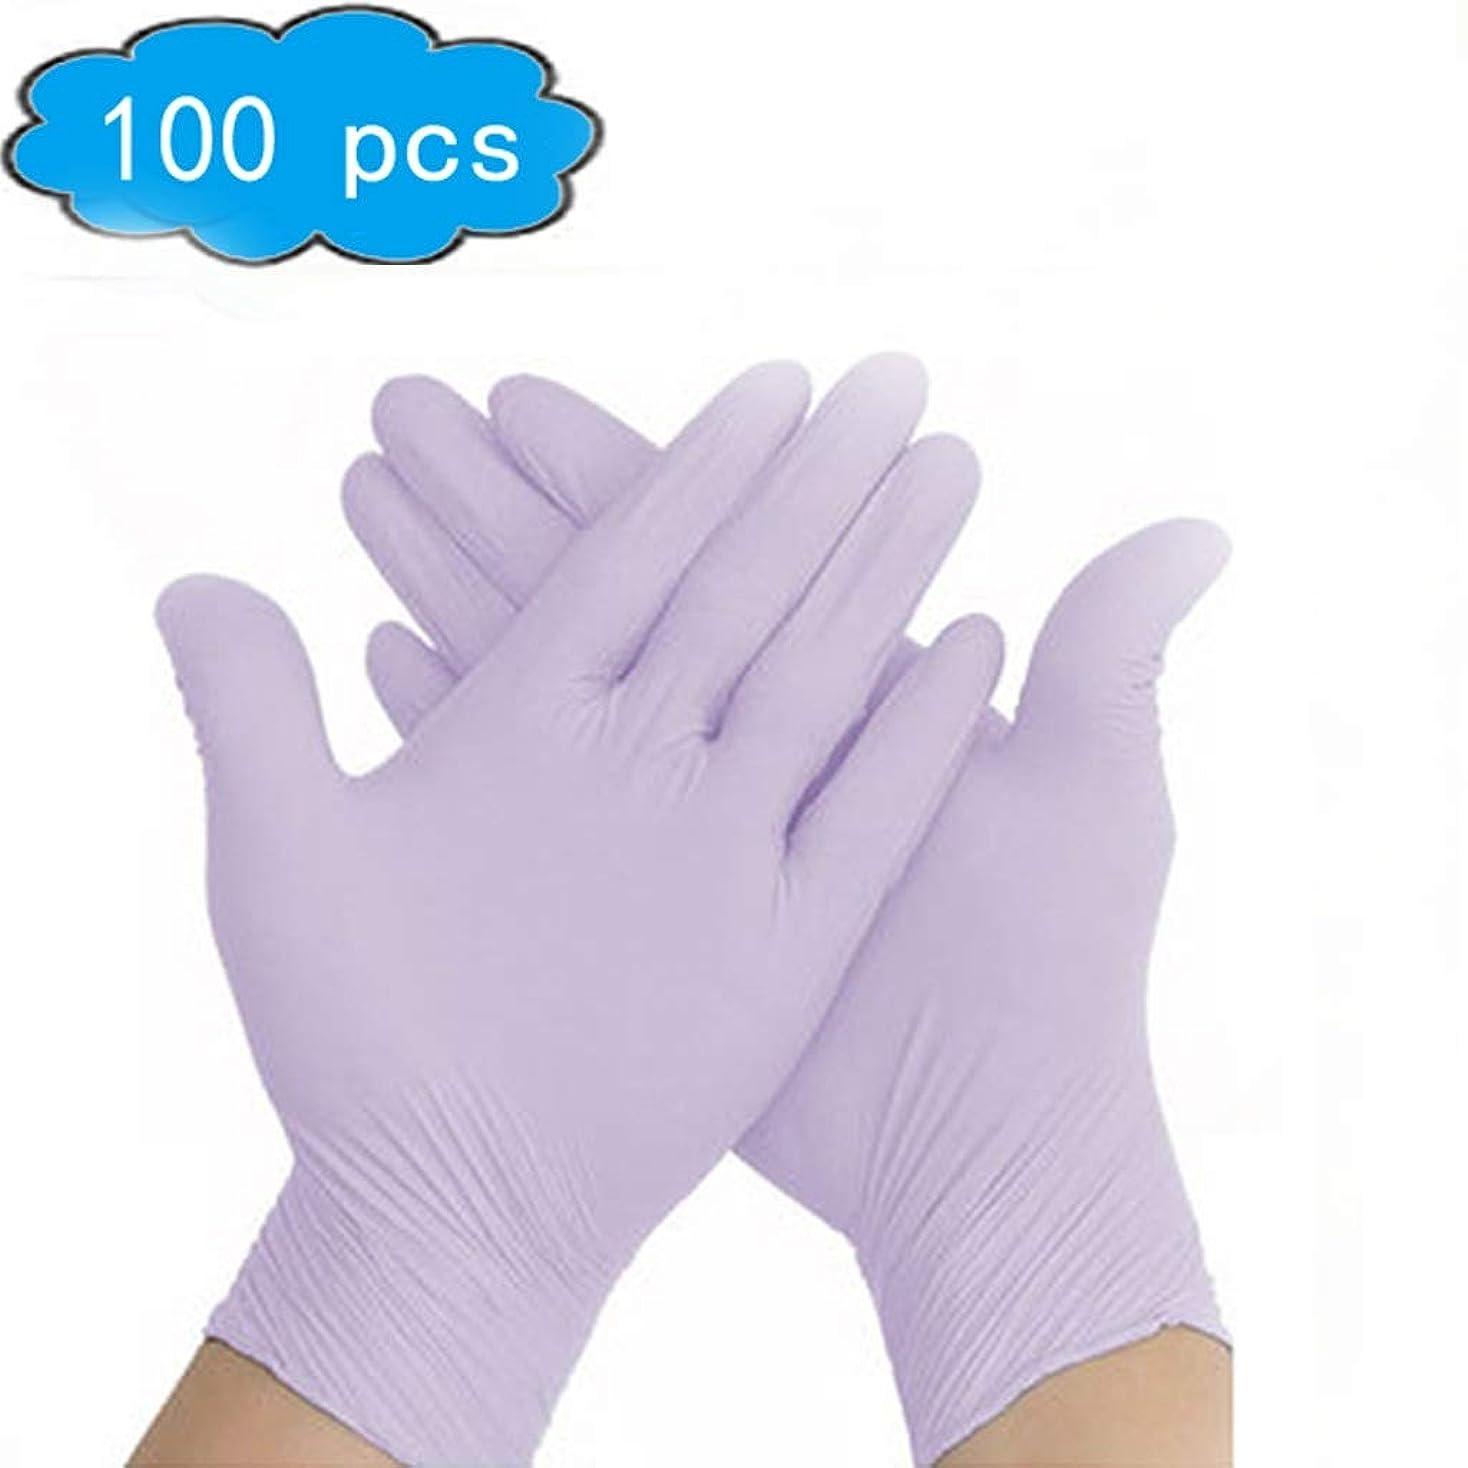 順応性分注する高架ニトリル手袋 - 医療用グレード、パウダーフリー、使い捨て、非滅菌、食品安全、テクスチャード加工、紫色、便利なディスペンサーパッケージ100、中サイズ、サニタリー手袋 (Color : Purple, Size : L)